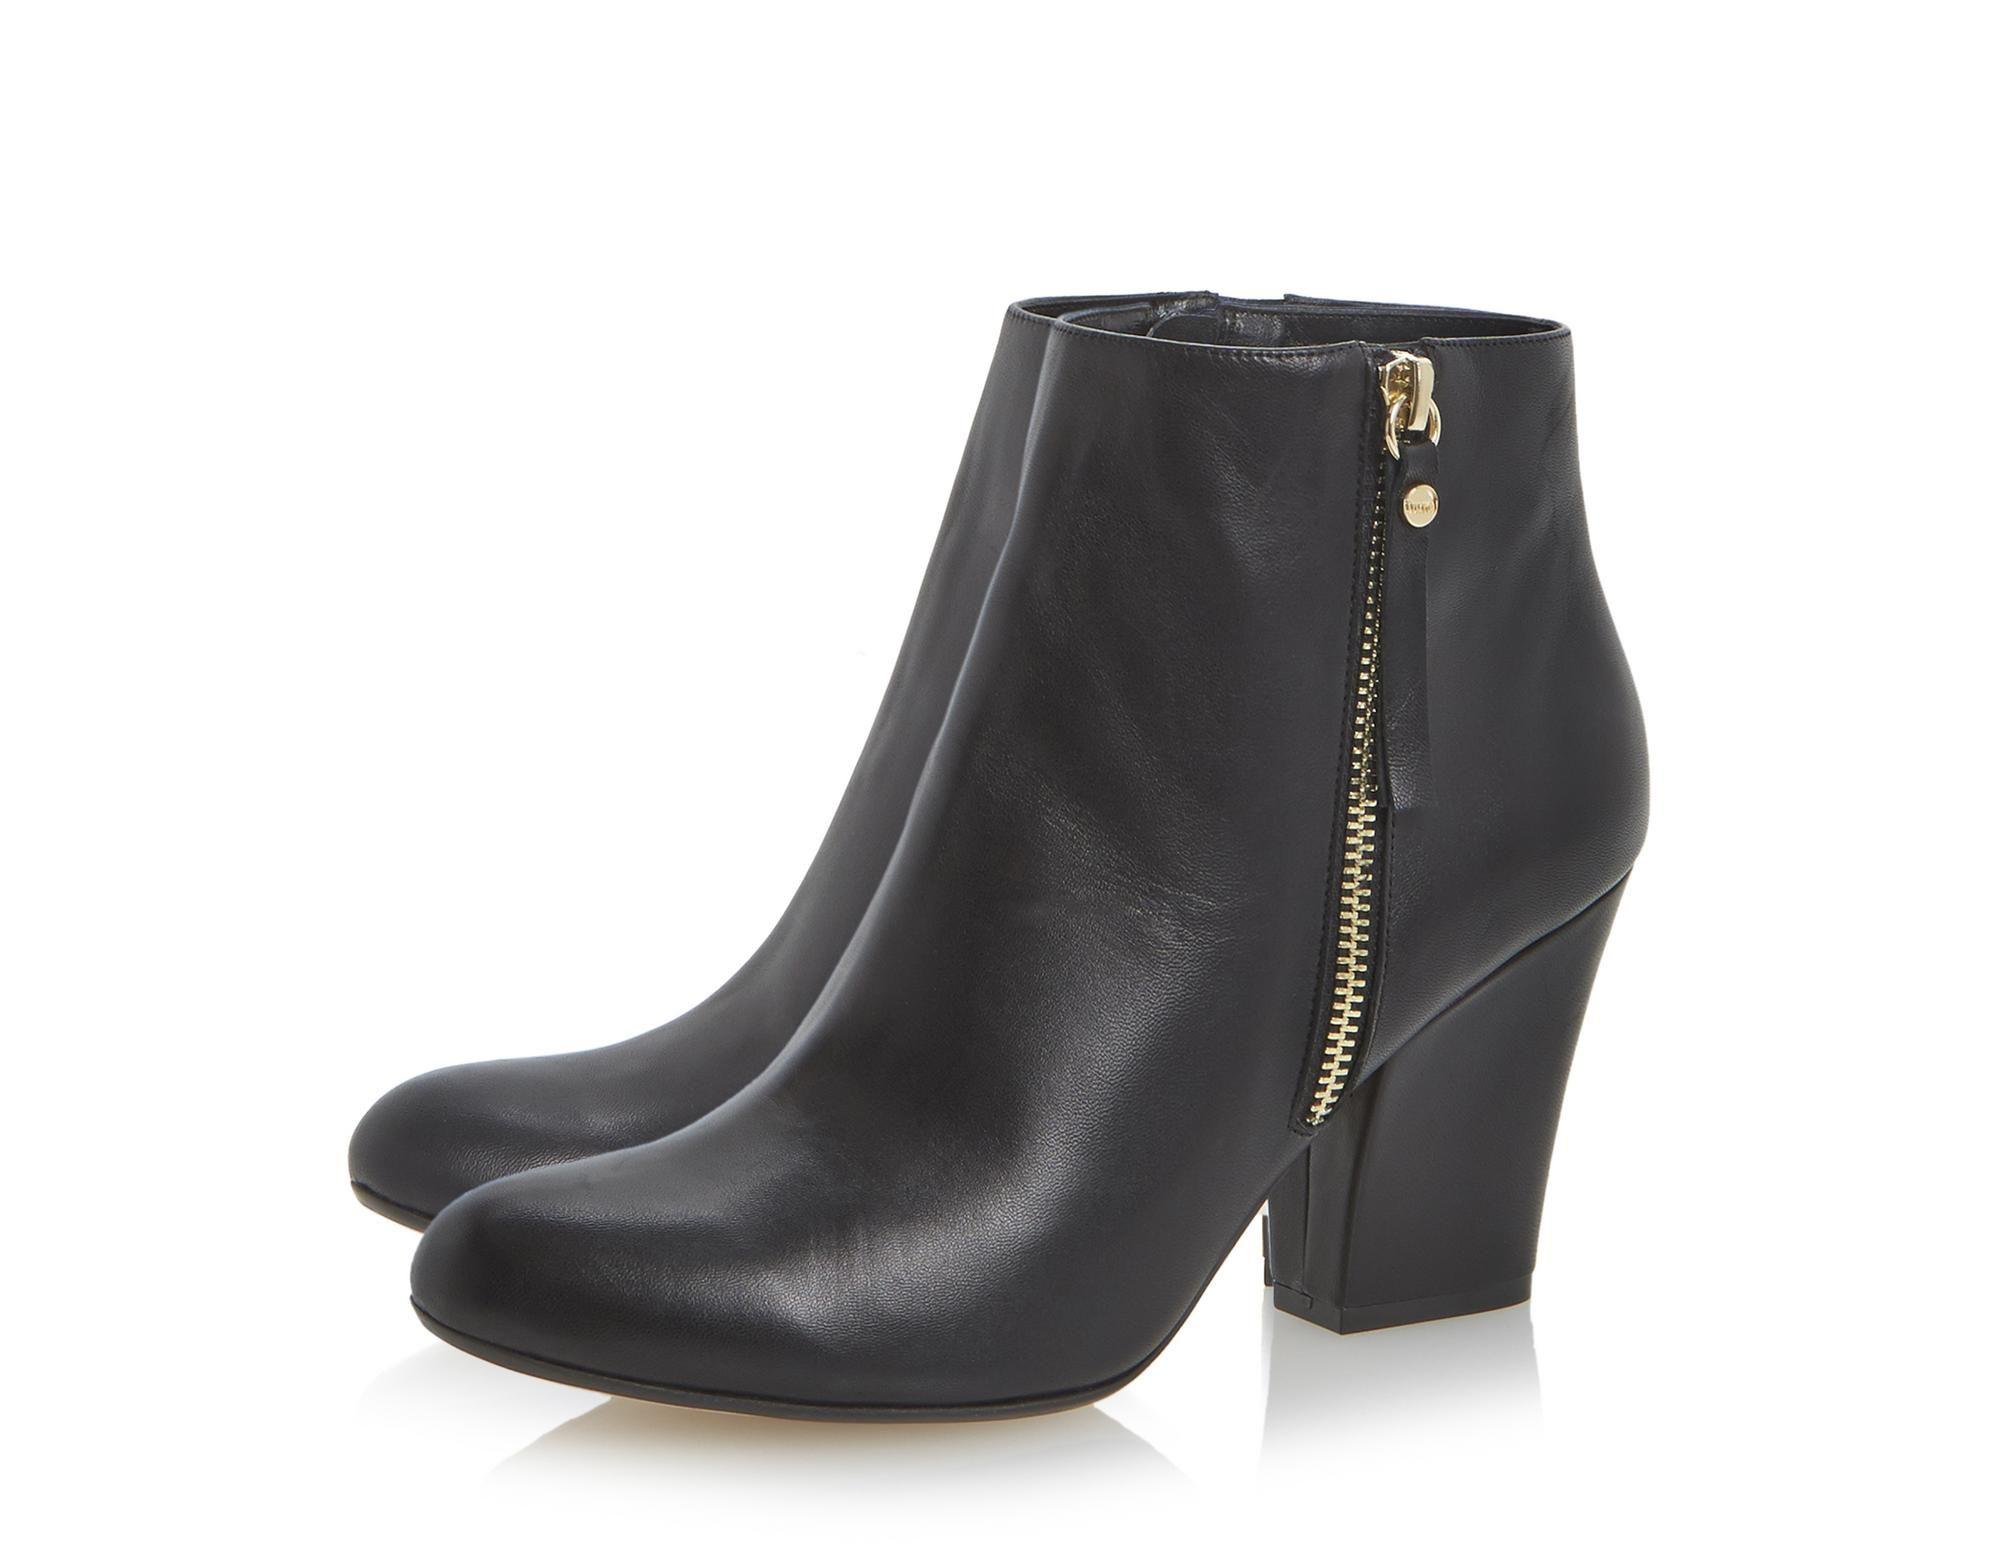 10b33041583 DUNE LADIES NINETY - Tassel Detail Block Heel Ankle Boot - black ...